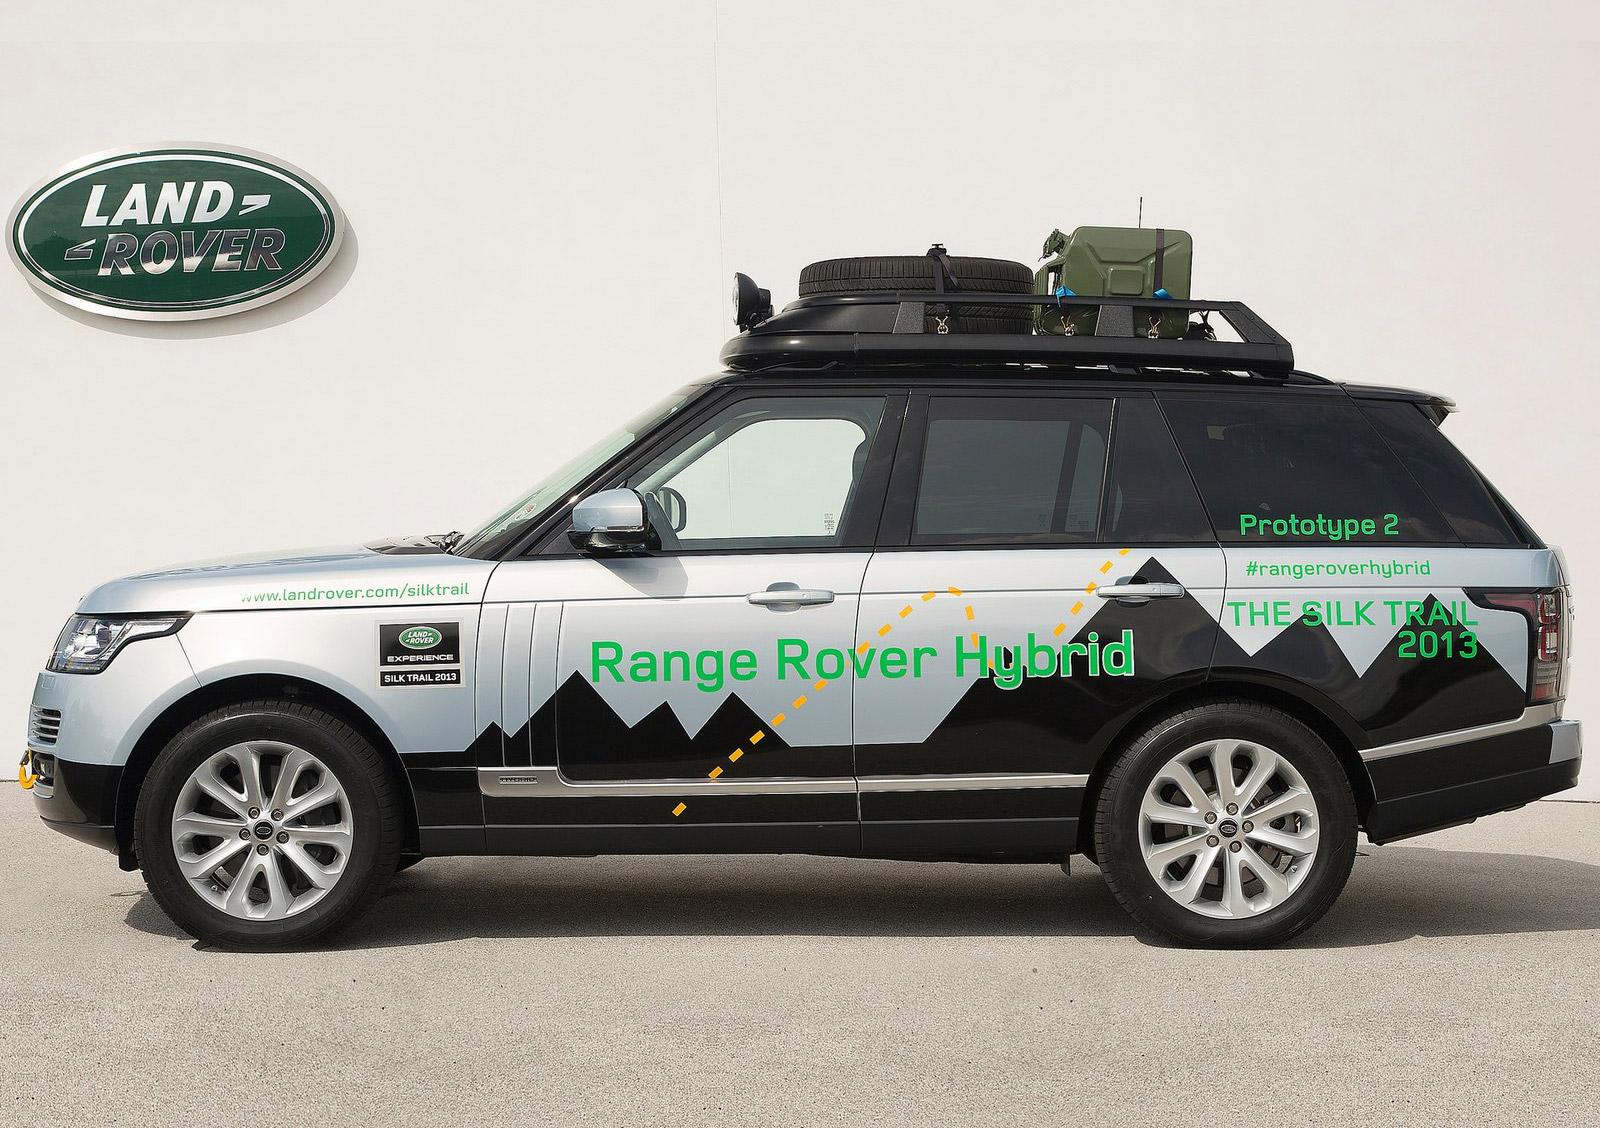 https://images.hgmsites.net/hug/2015-land-rover-range-rover-hybrid-european-spec_100437420_h.jpg